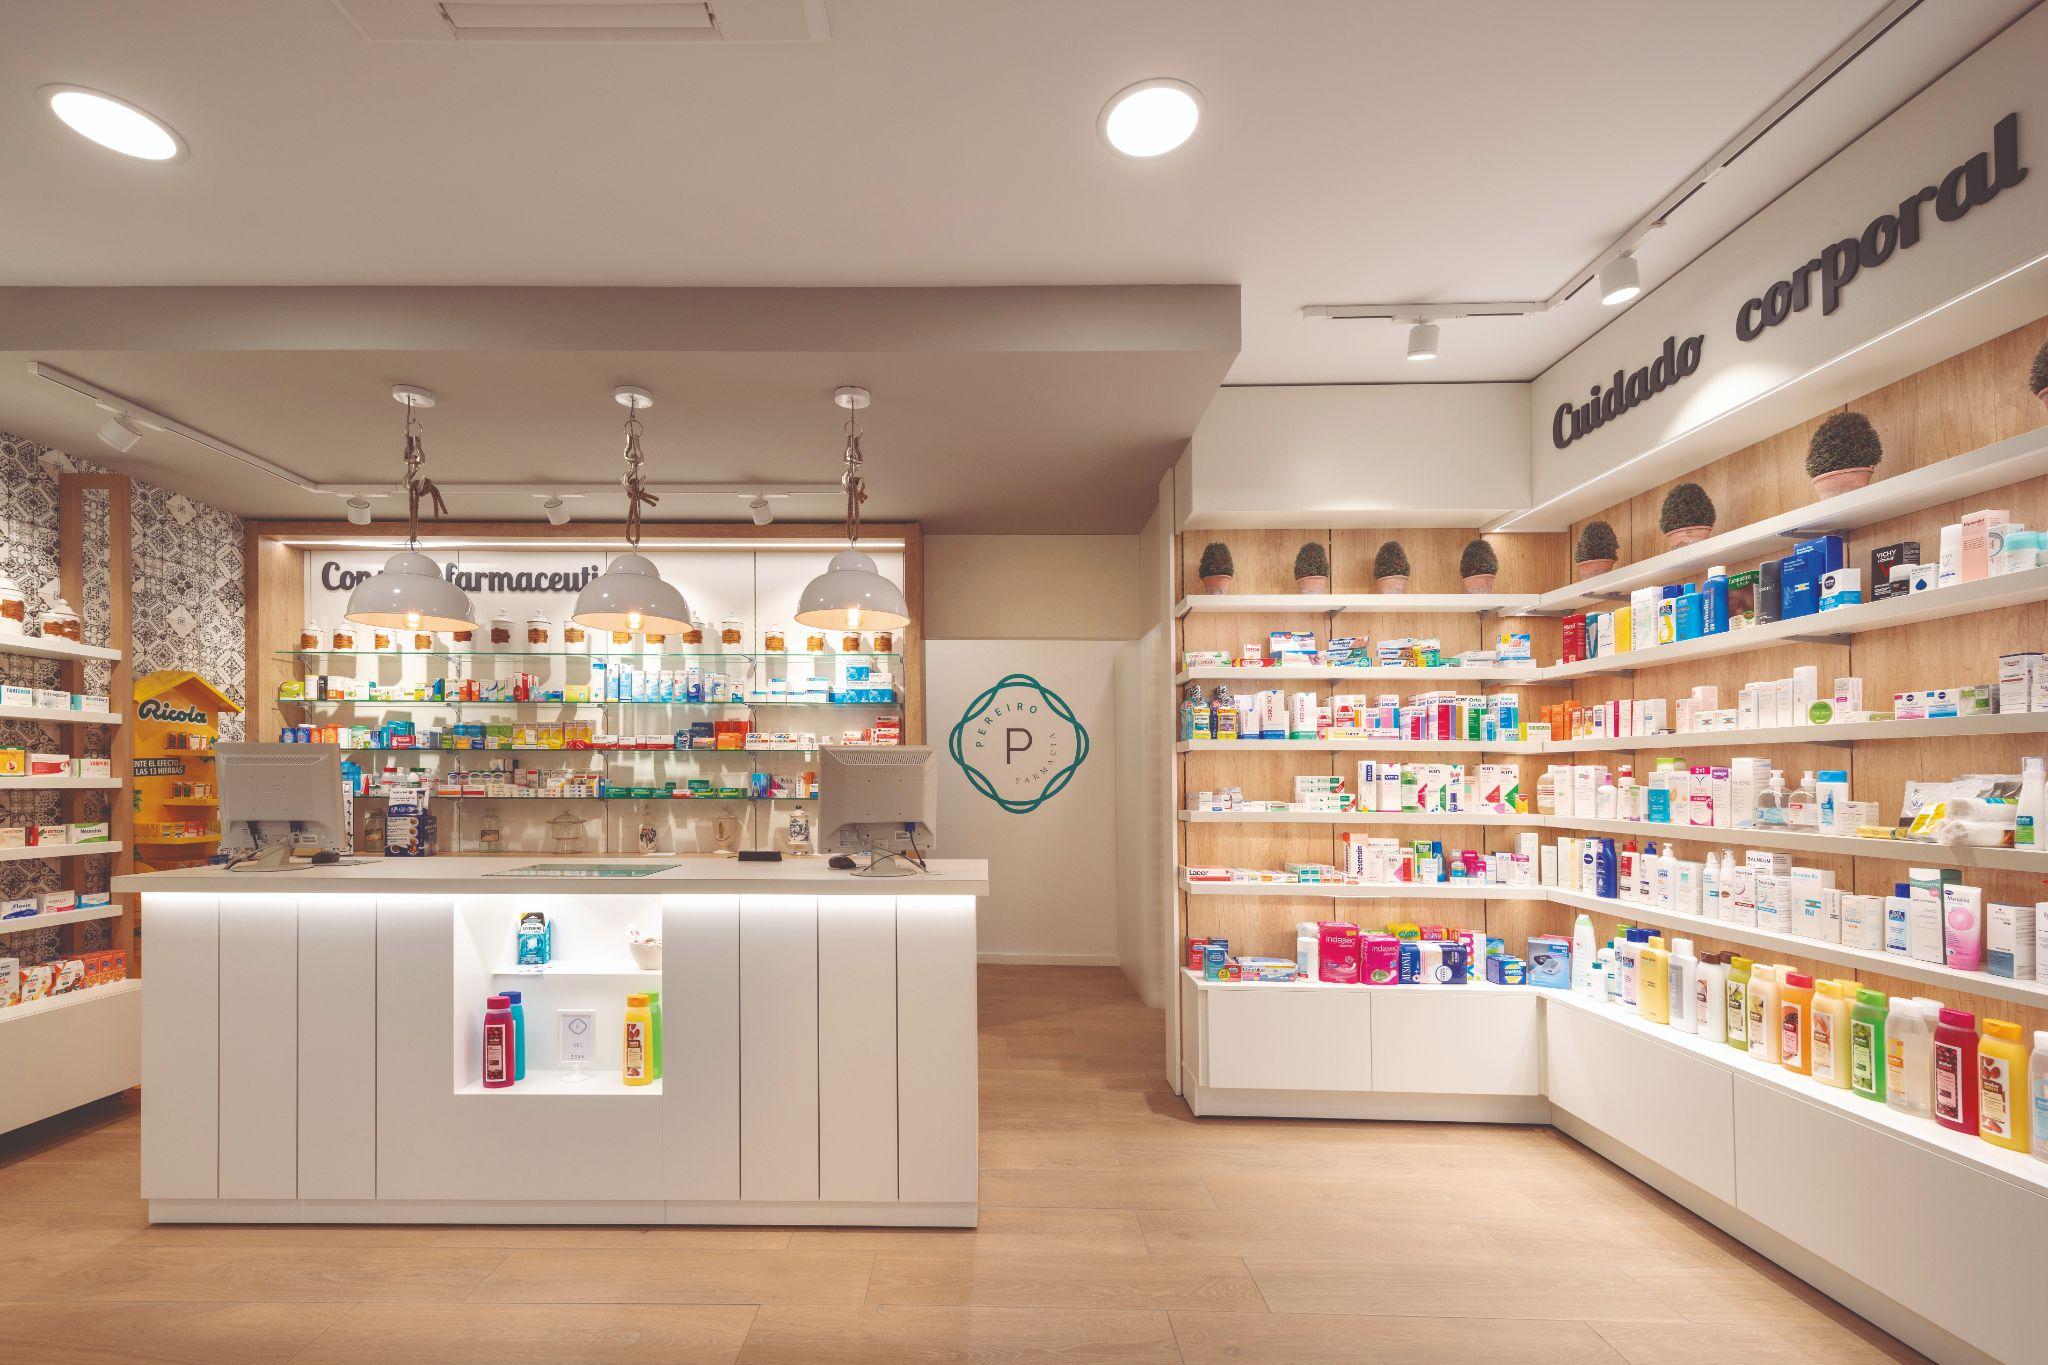 Secciones en farmacia